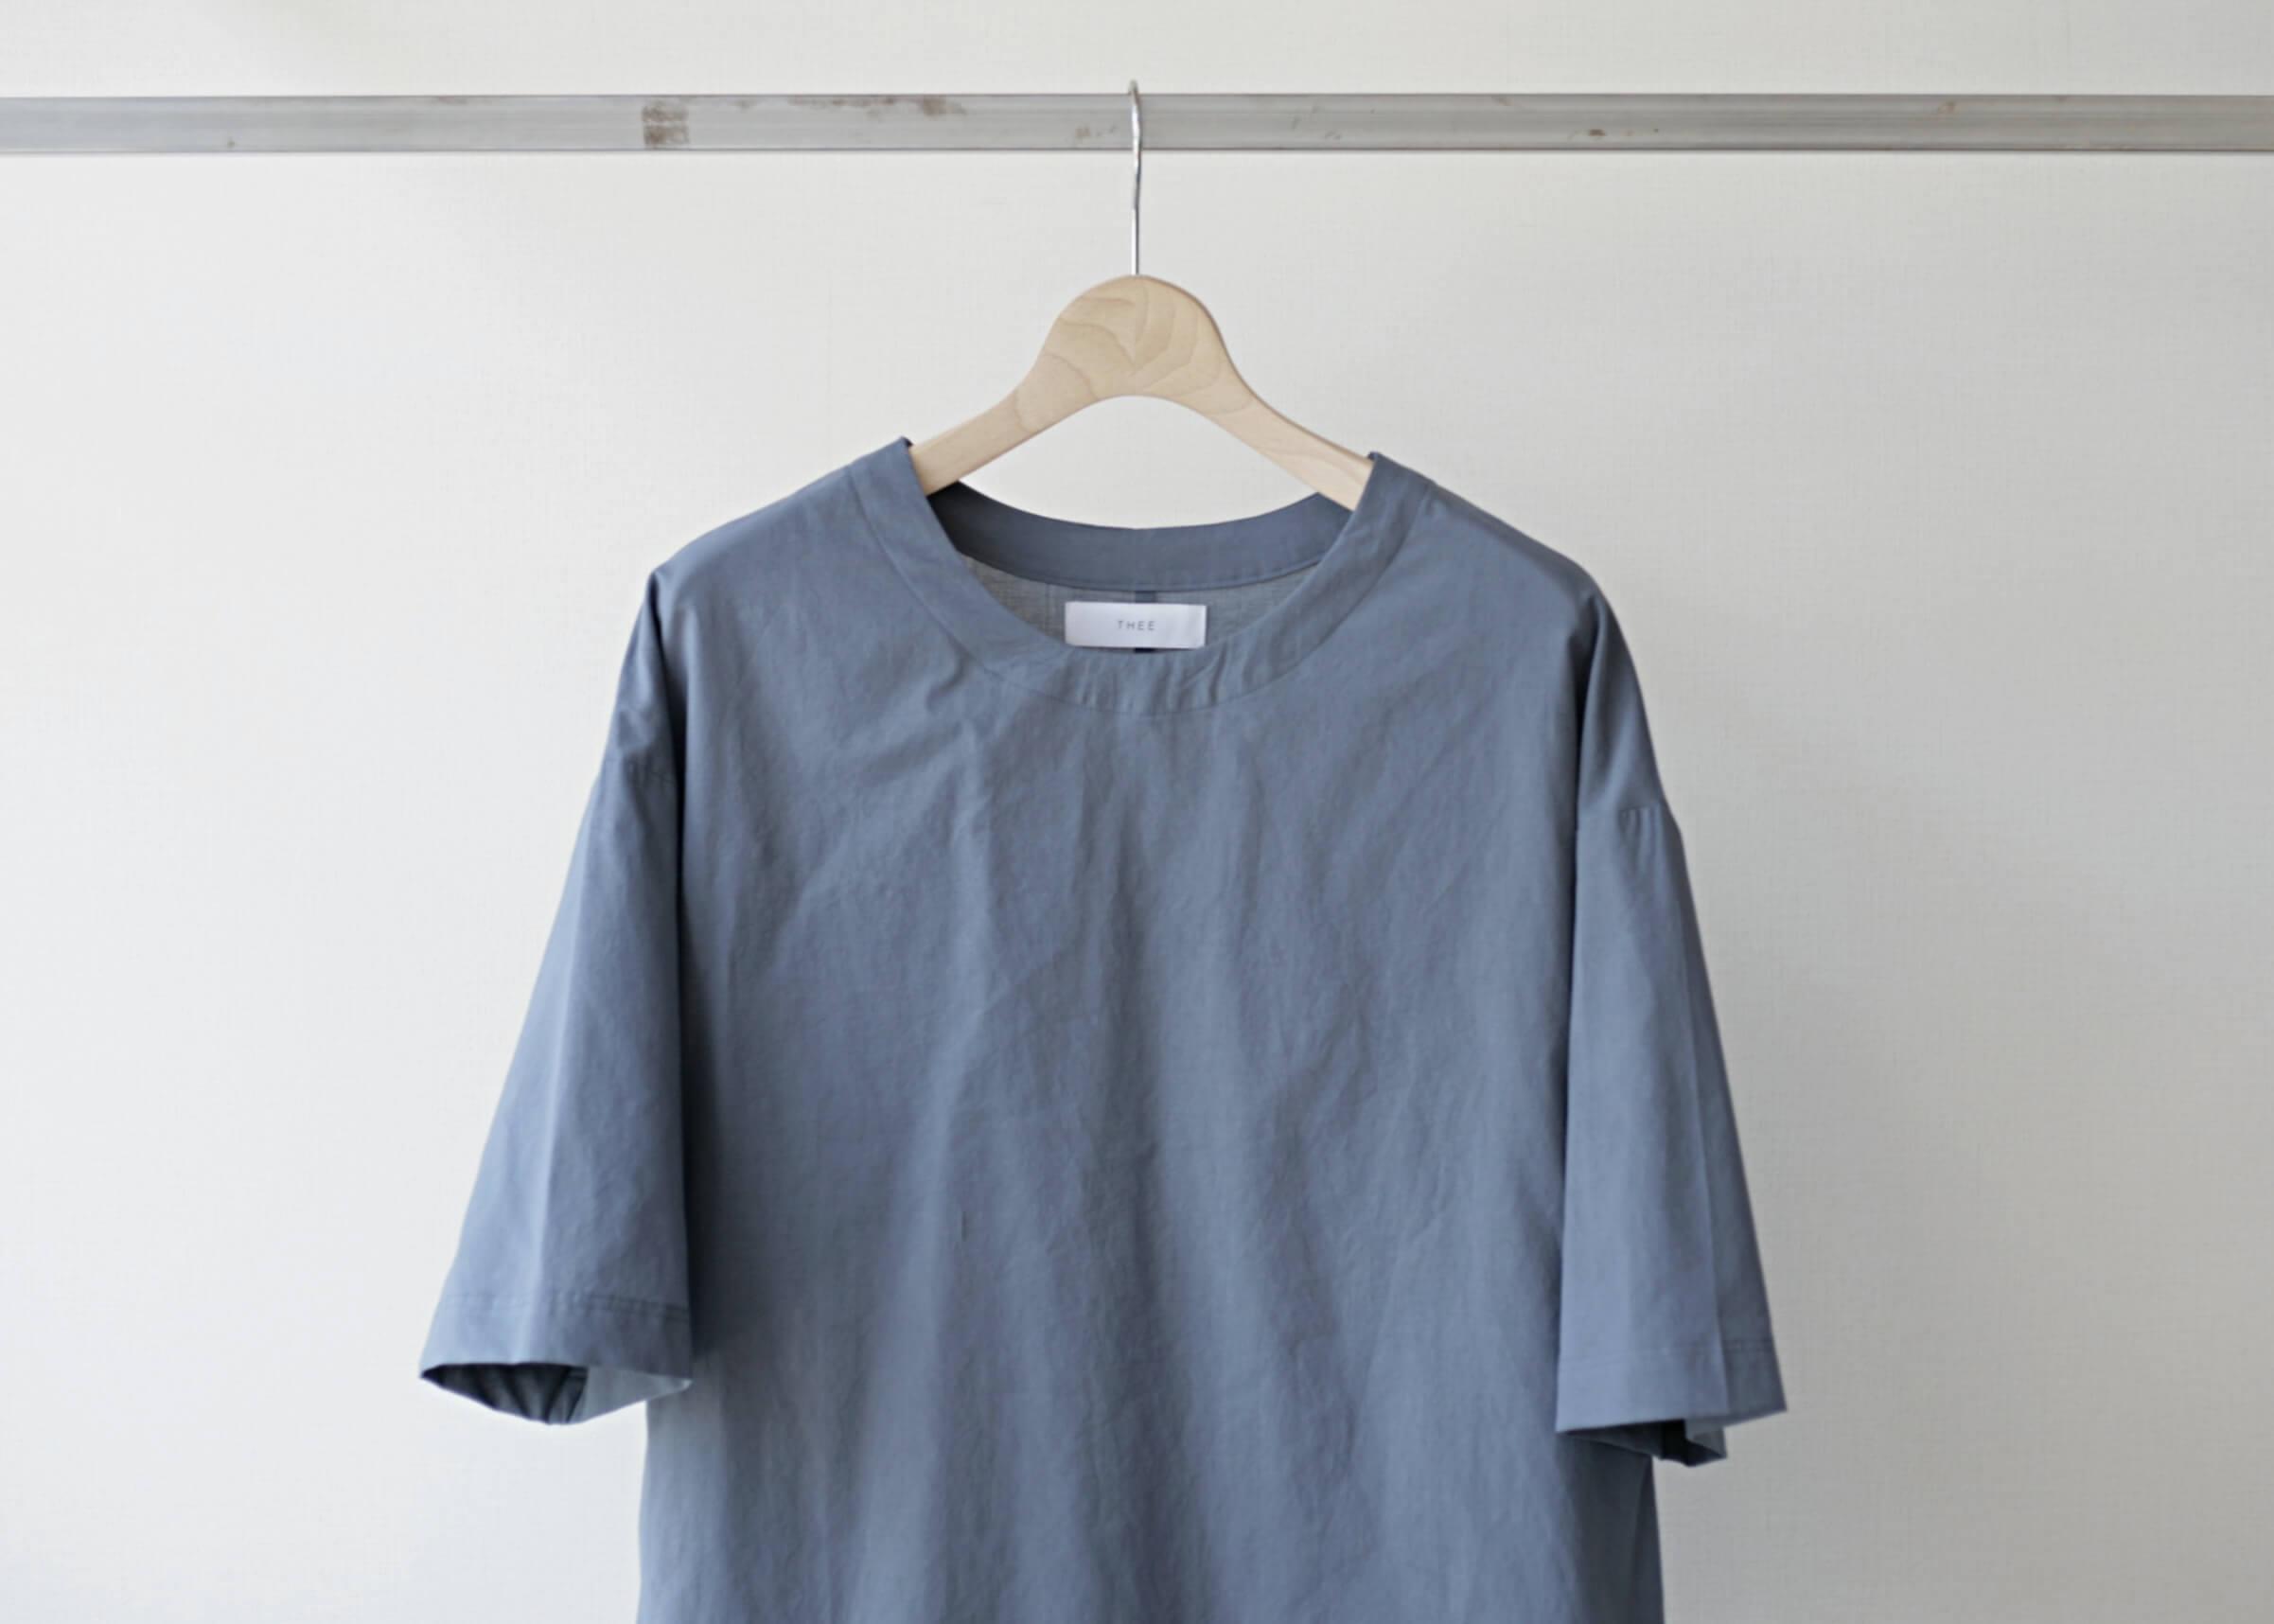 thee oversize tee bluegray 前アップ